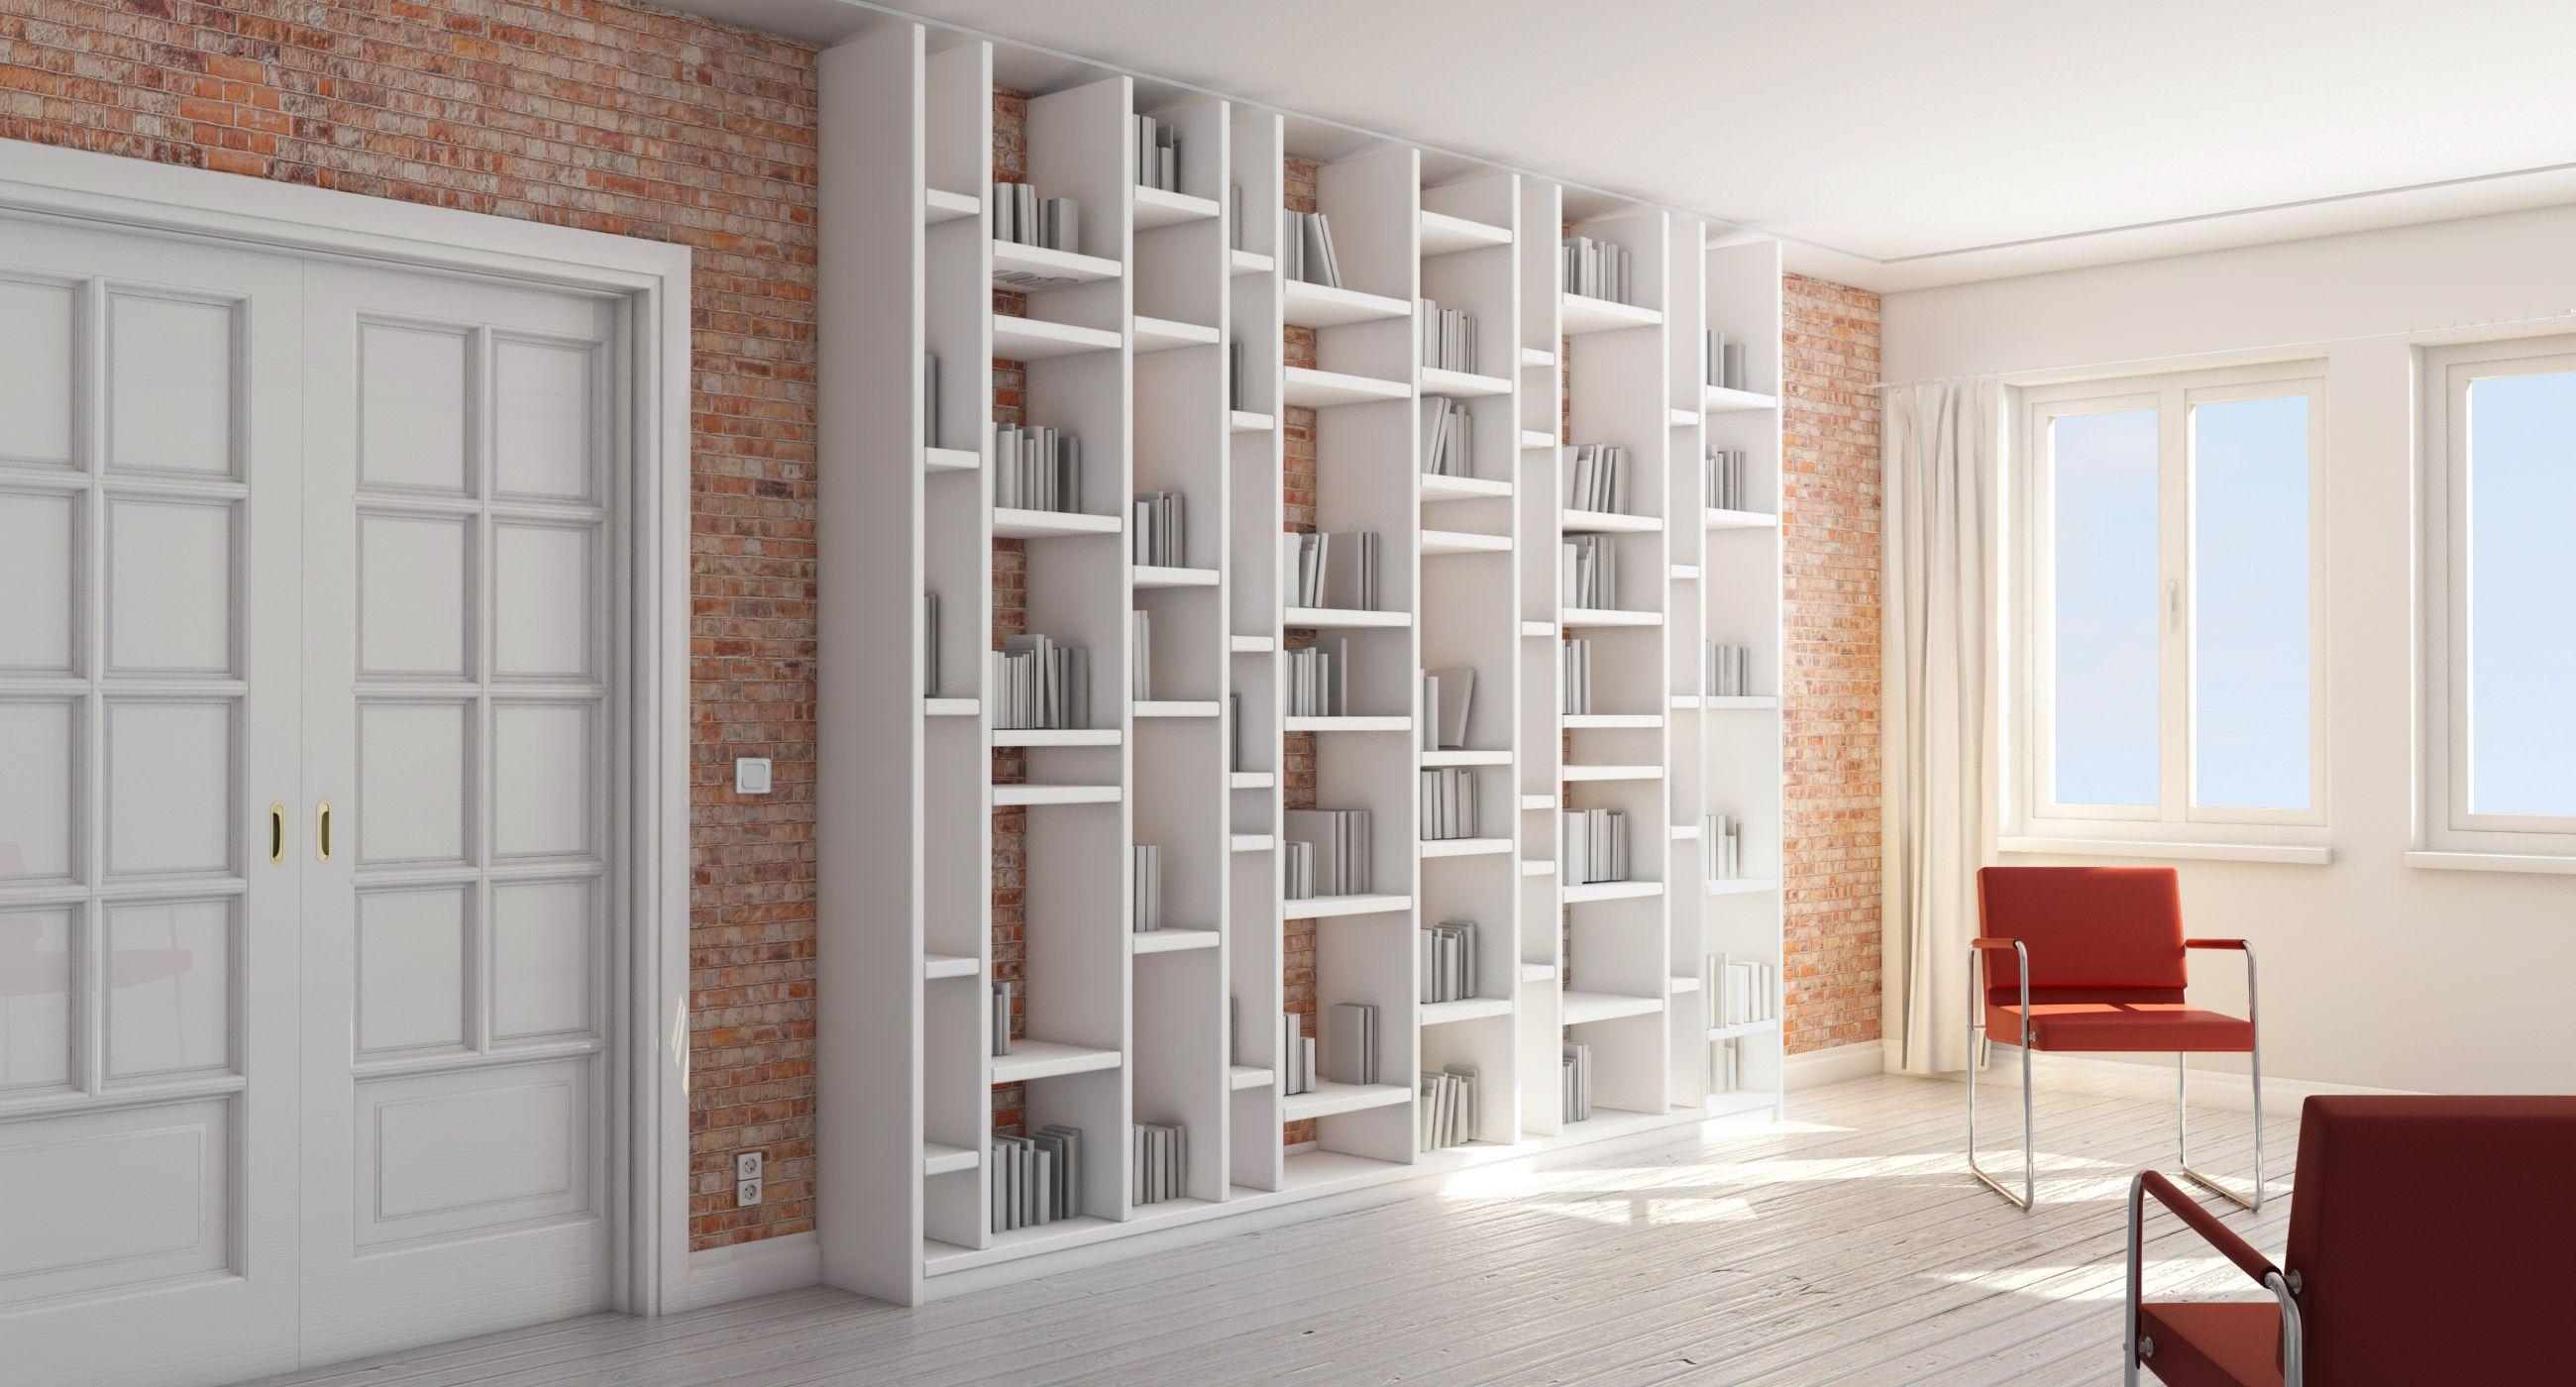 Tremendous Bücherregal Weiß Holz Photo Of Design Bücherregal Individuell Konfiguriert Bei Pickawood. Hochwertiges